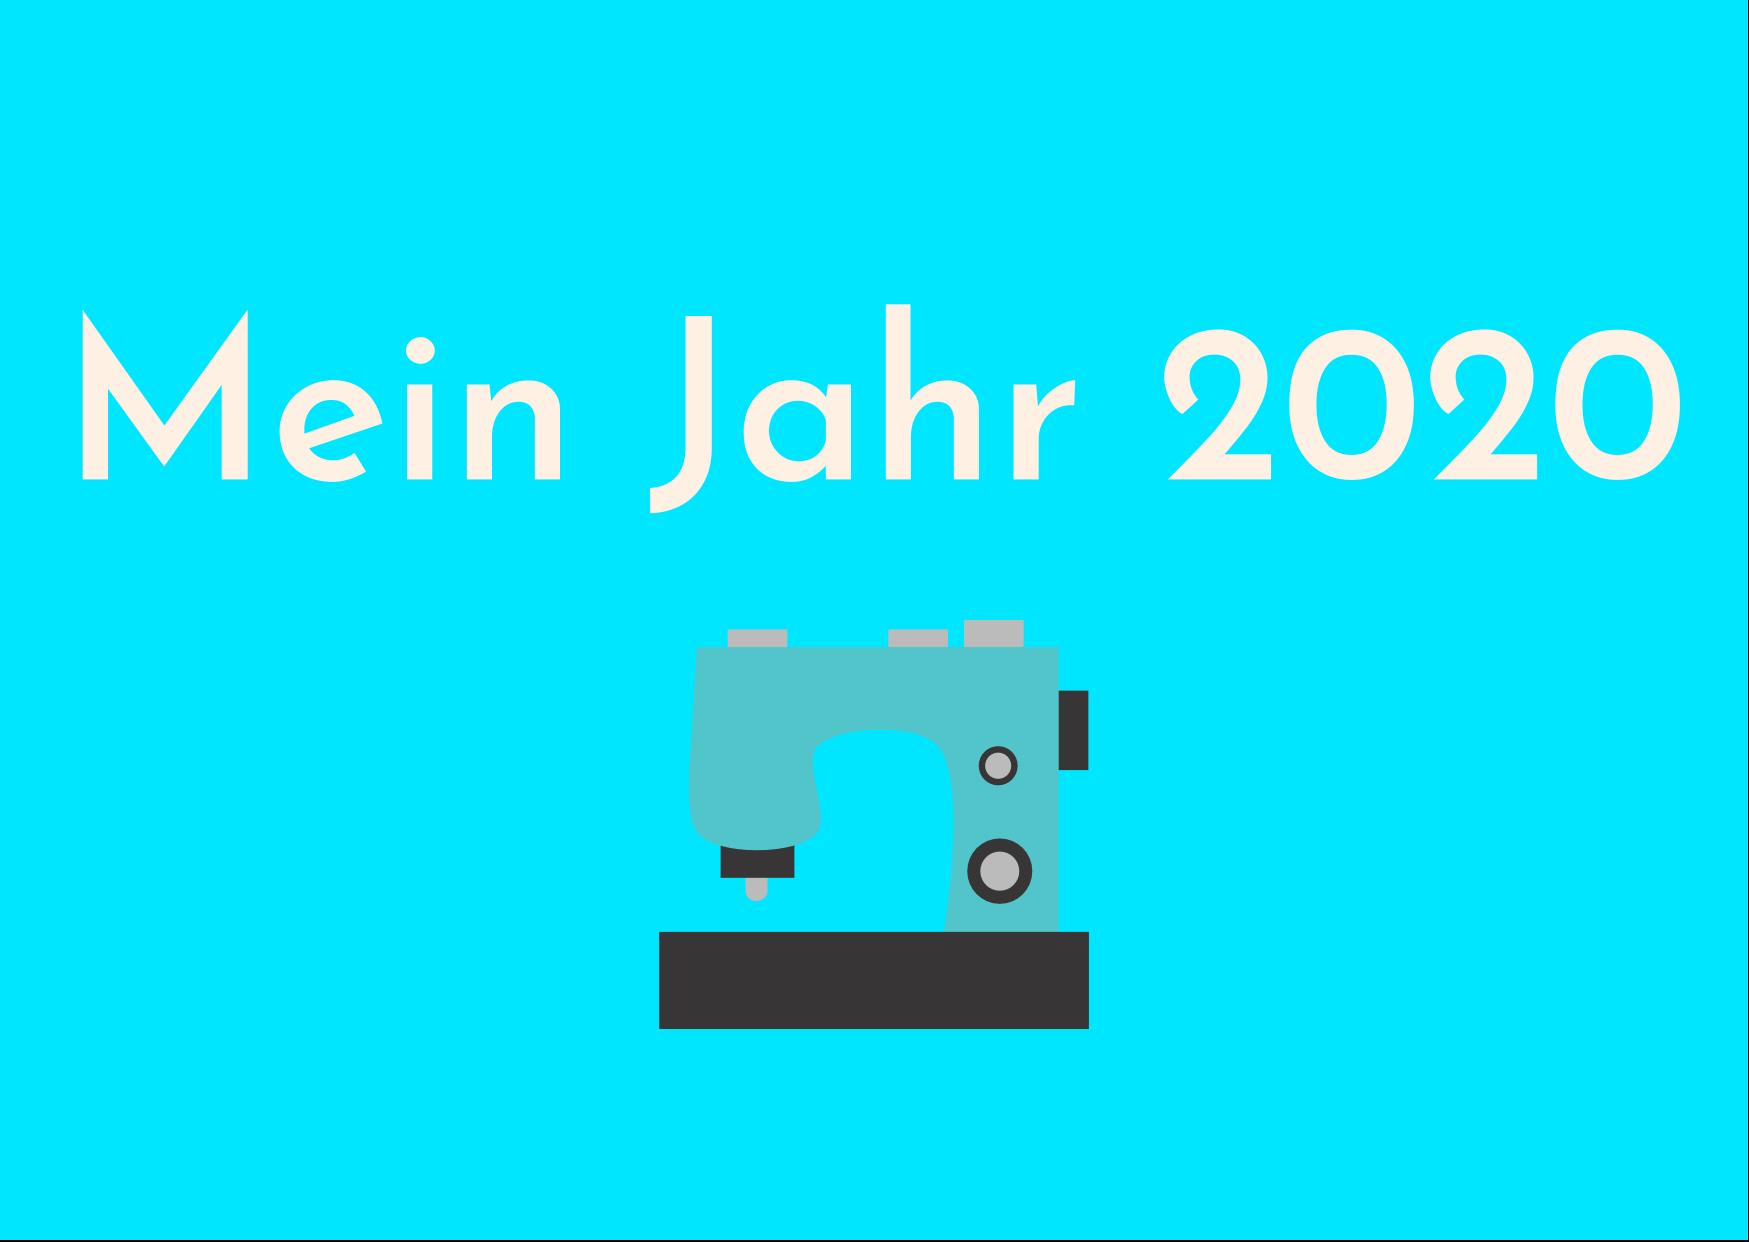 MeinJahr2020